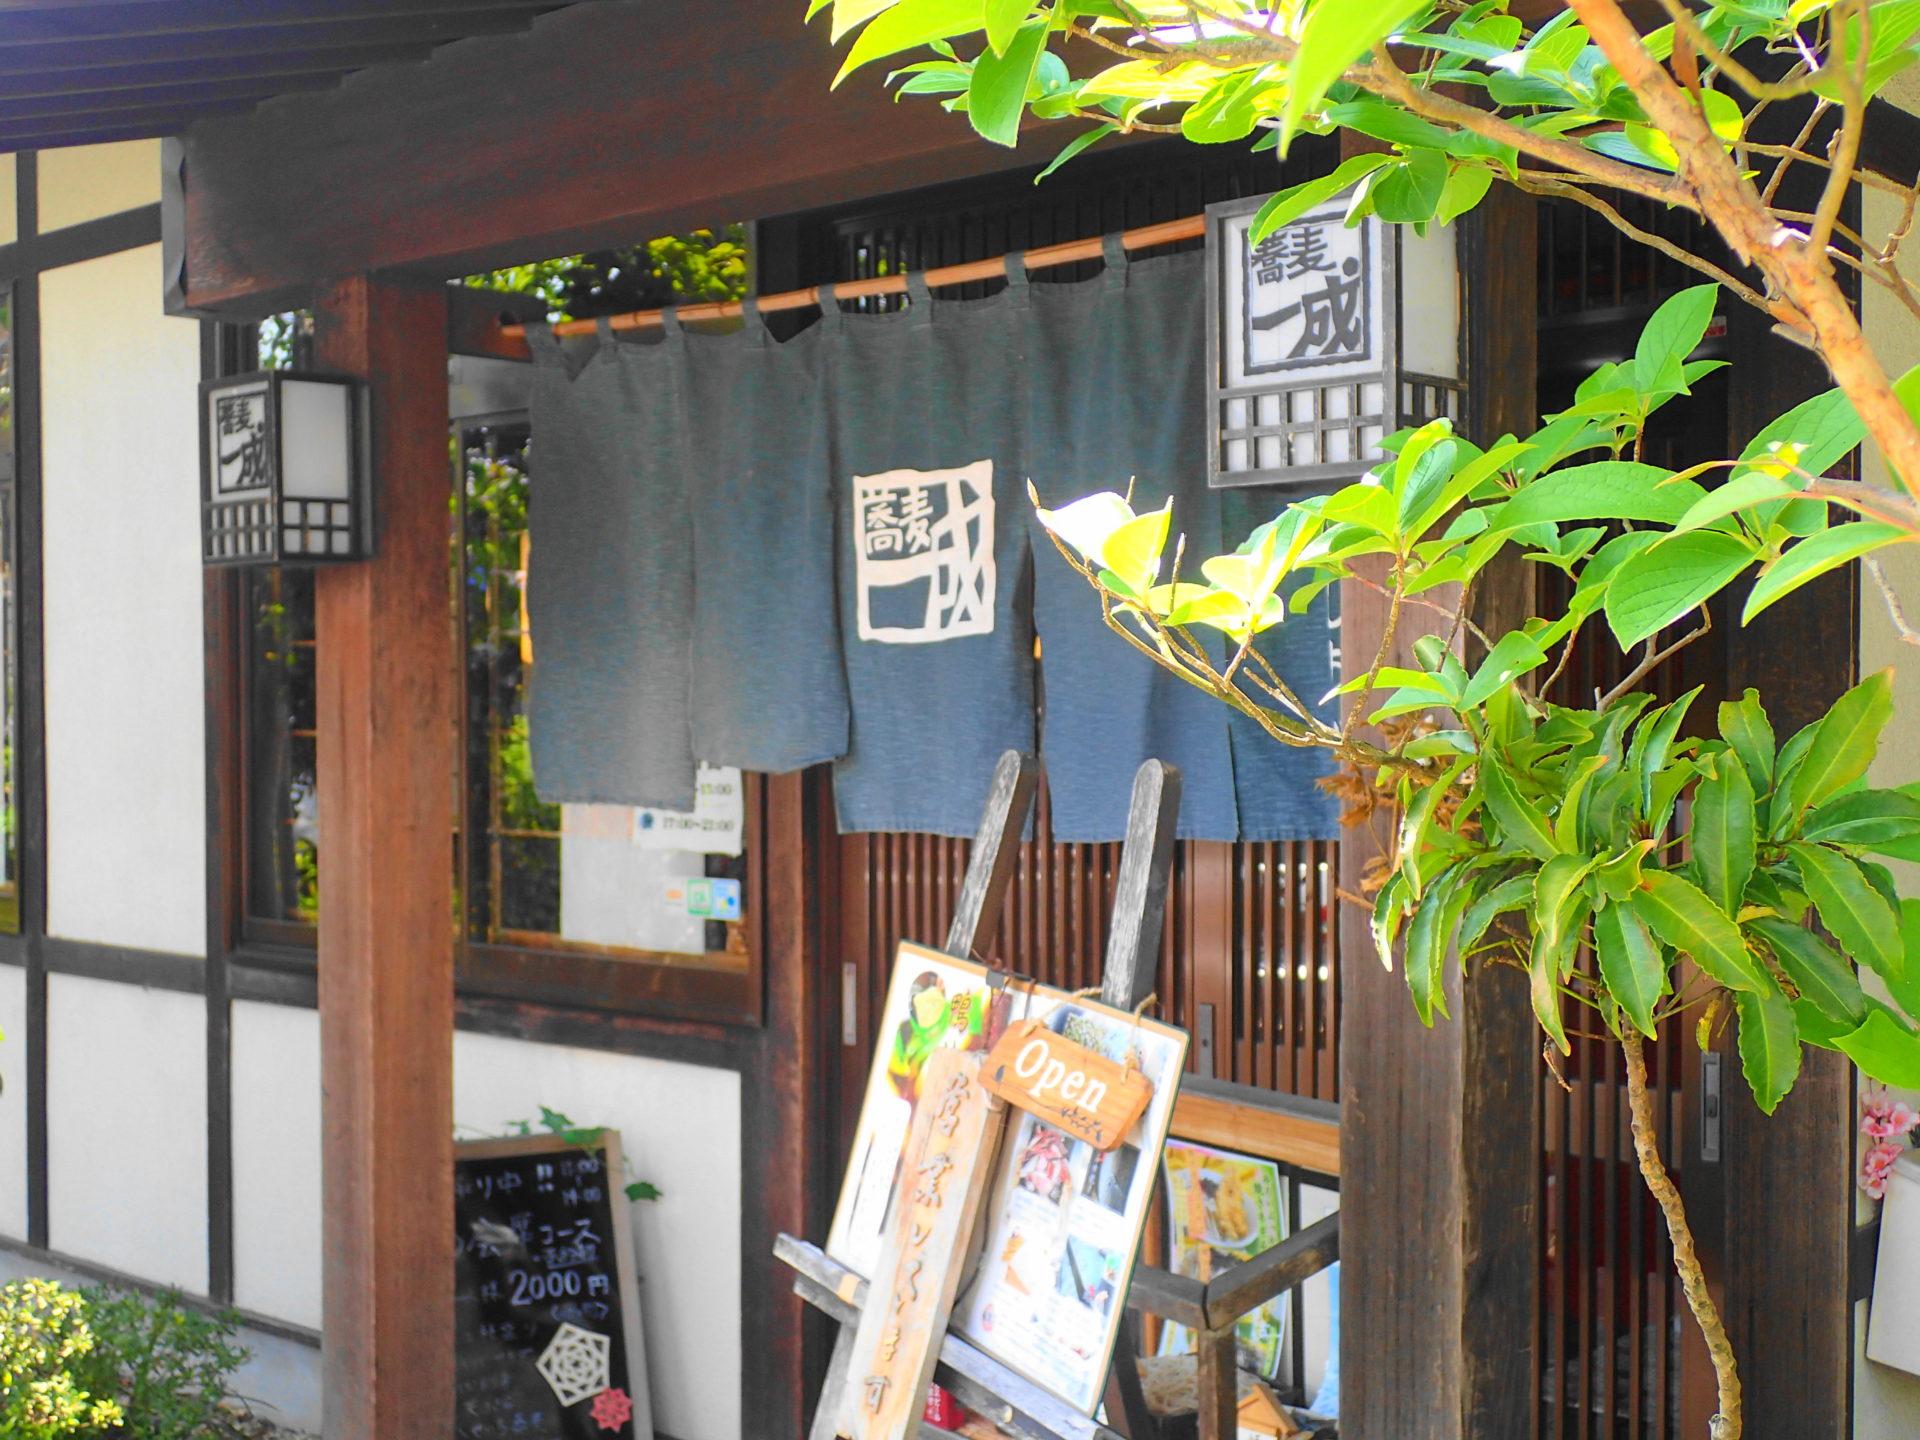 日本蕎麦 一成 石岡店|国道6号線沿いの美味しい蕎麦屋を紹介するよ~♪ #地域ブログ #茨城 #石岡 - いばらじお♪